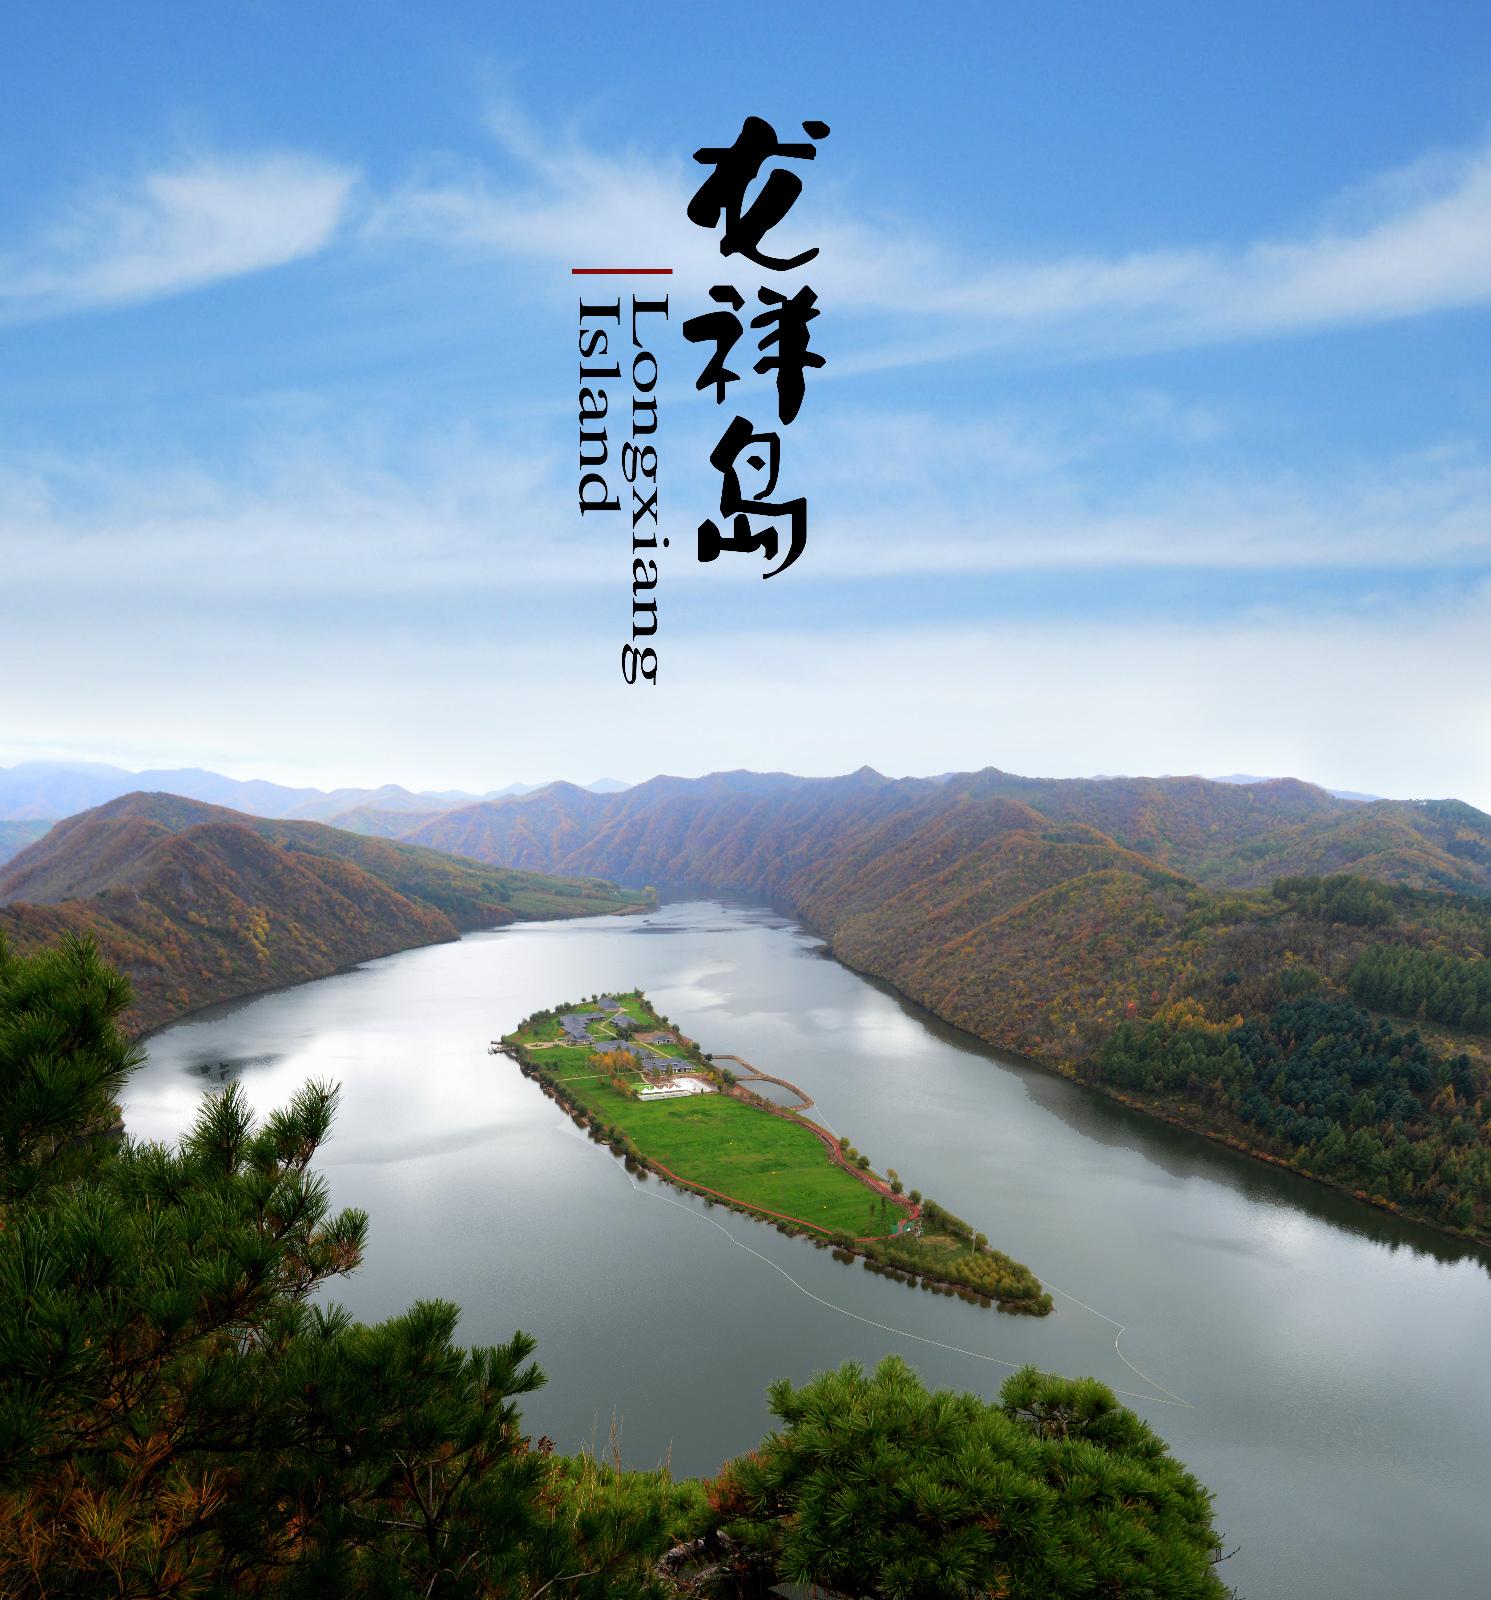 龙祥岛大酒店坐落在本溪桓仁回龙湖水库中的一座小岛上,岛屿面积5万